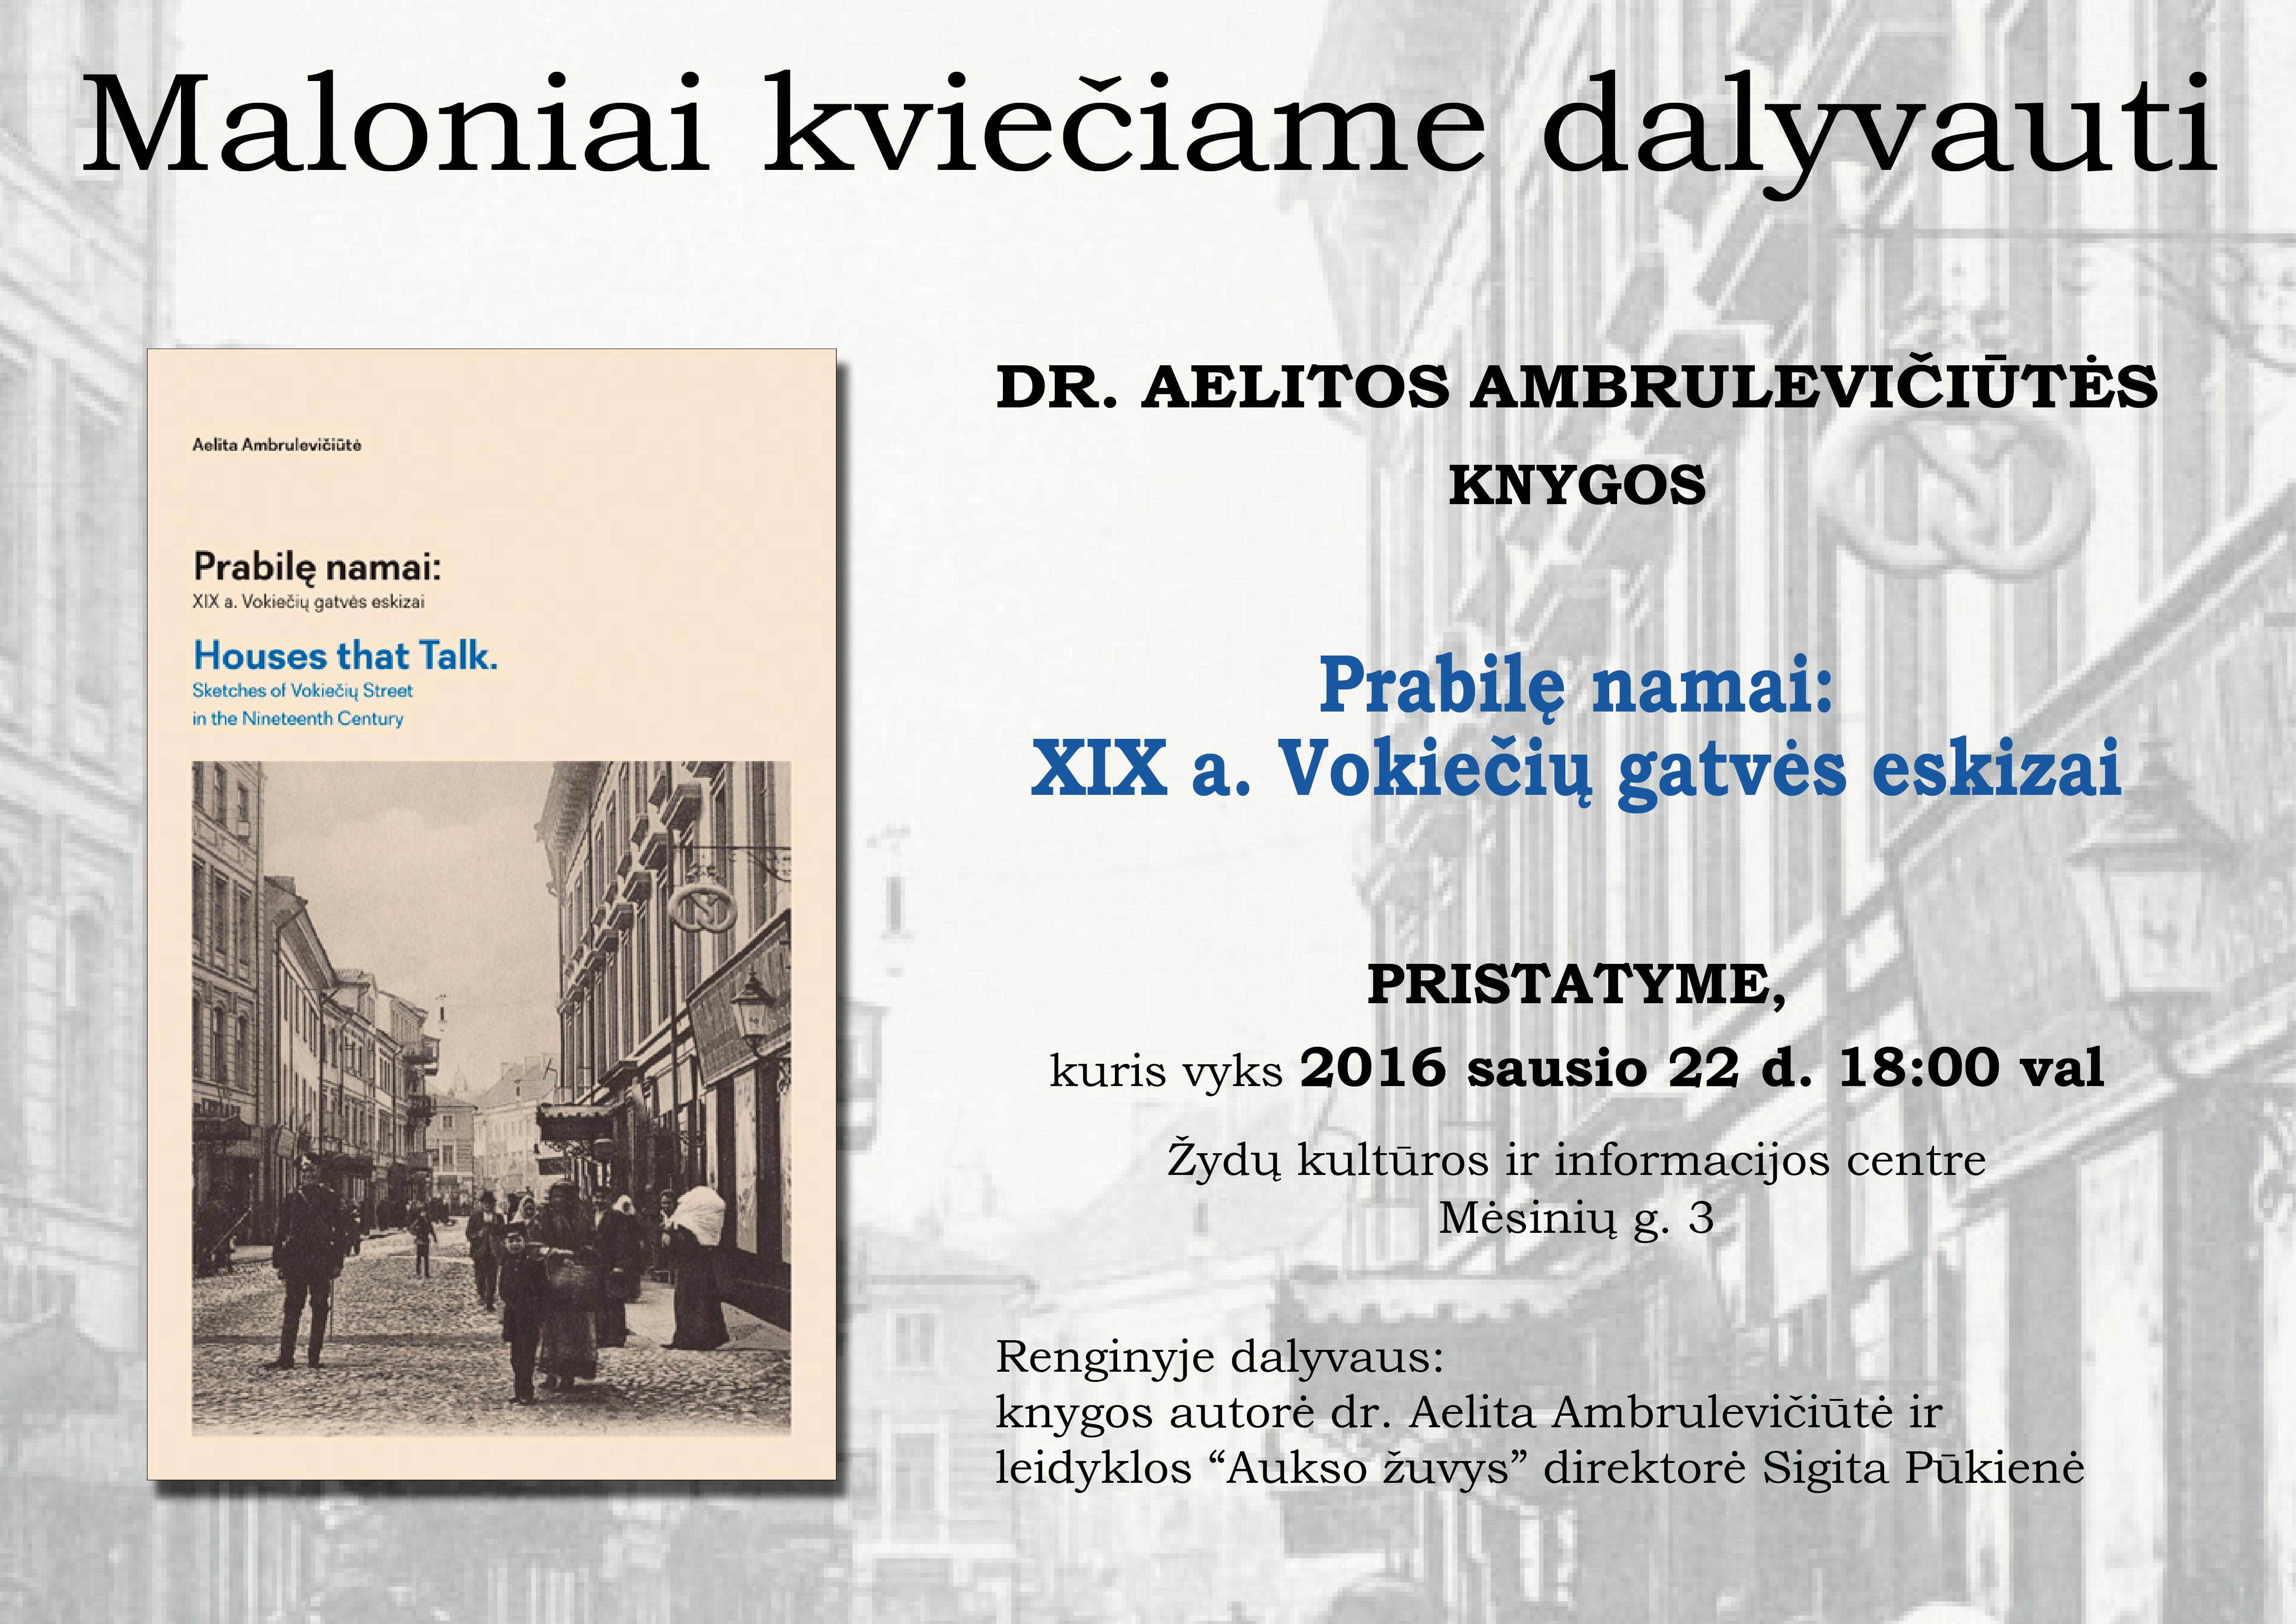 """Kviečiame į dr. A. Ambrulevičiūtės knygos """"Prabilę namai: XIX a. Vokiečių gatvės eskizai"""""""